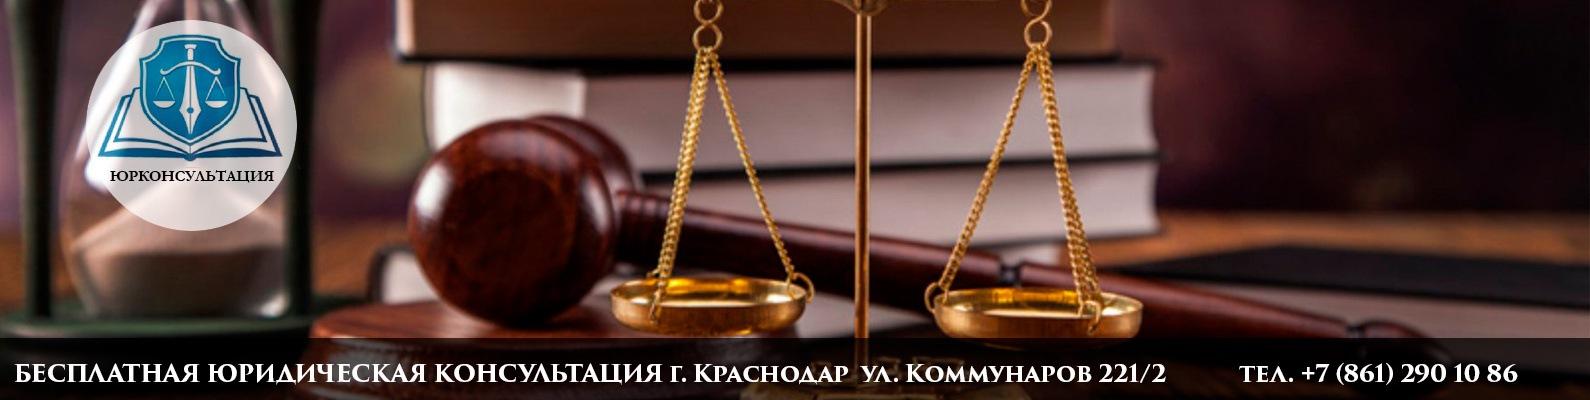 тверь юридические услуги адвоката Ну, сказала